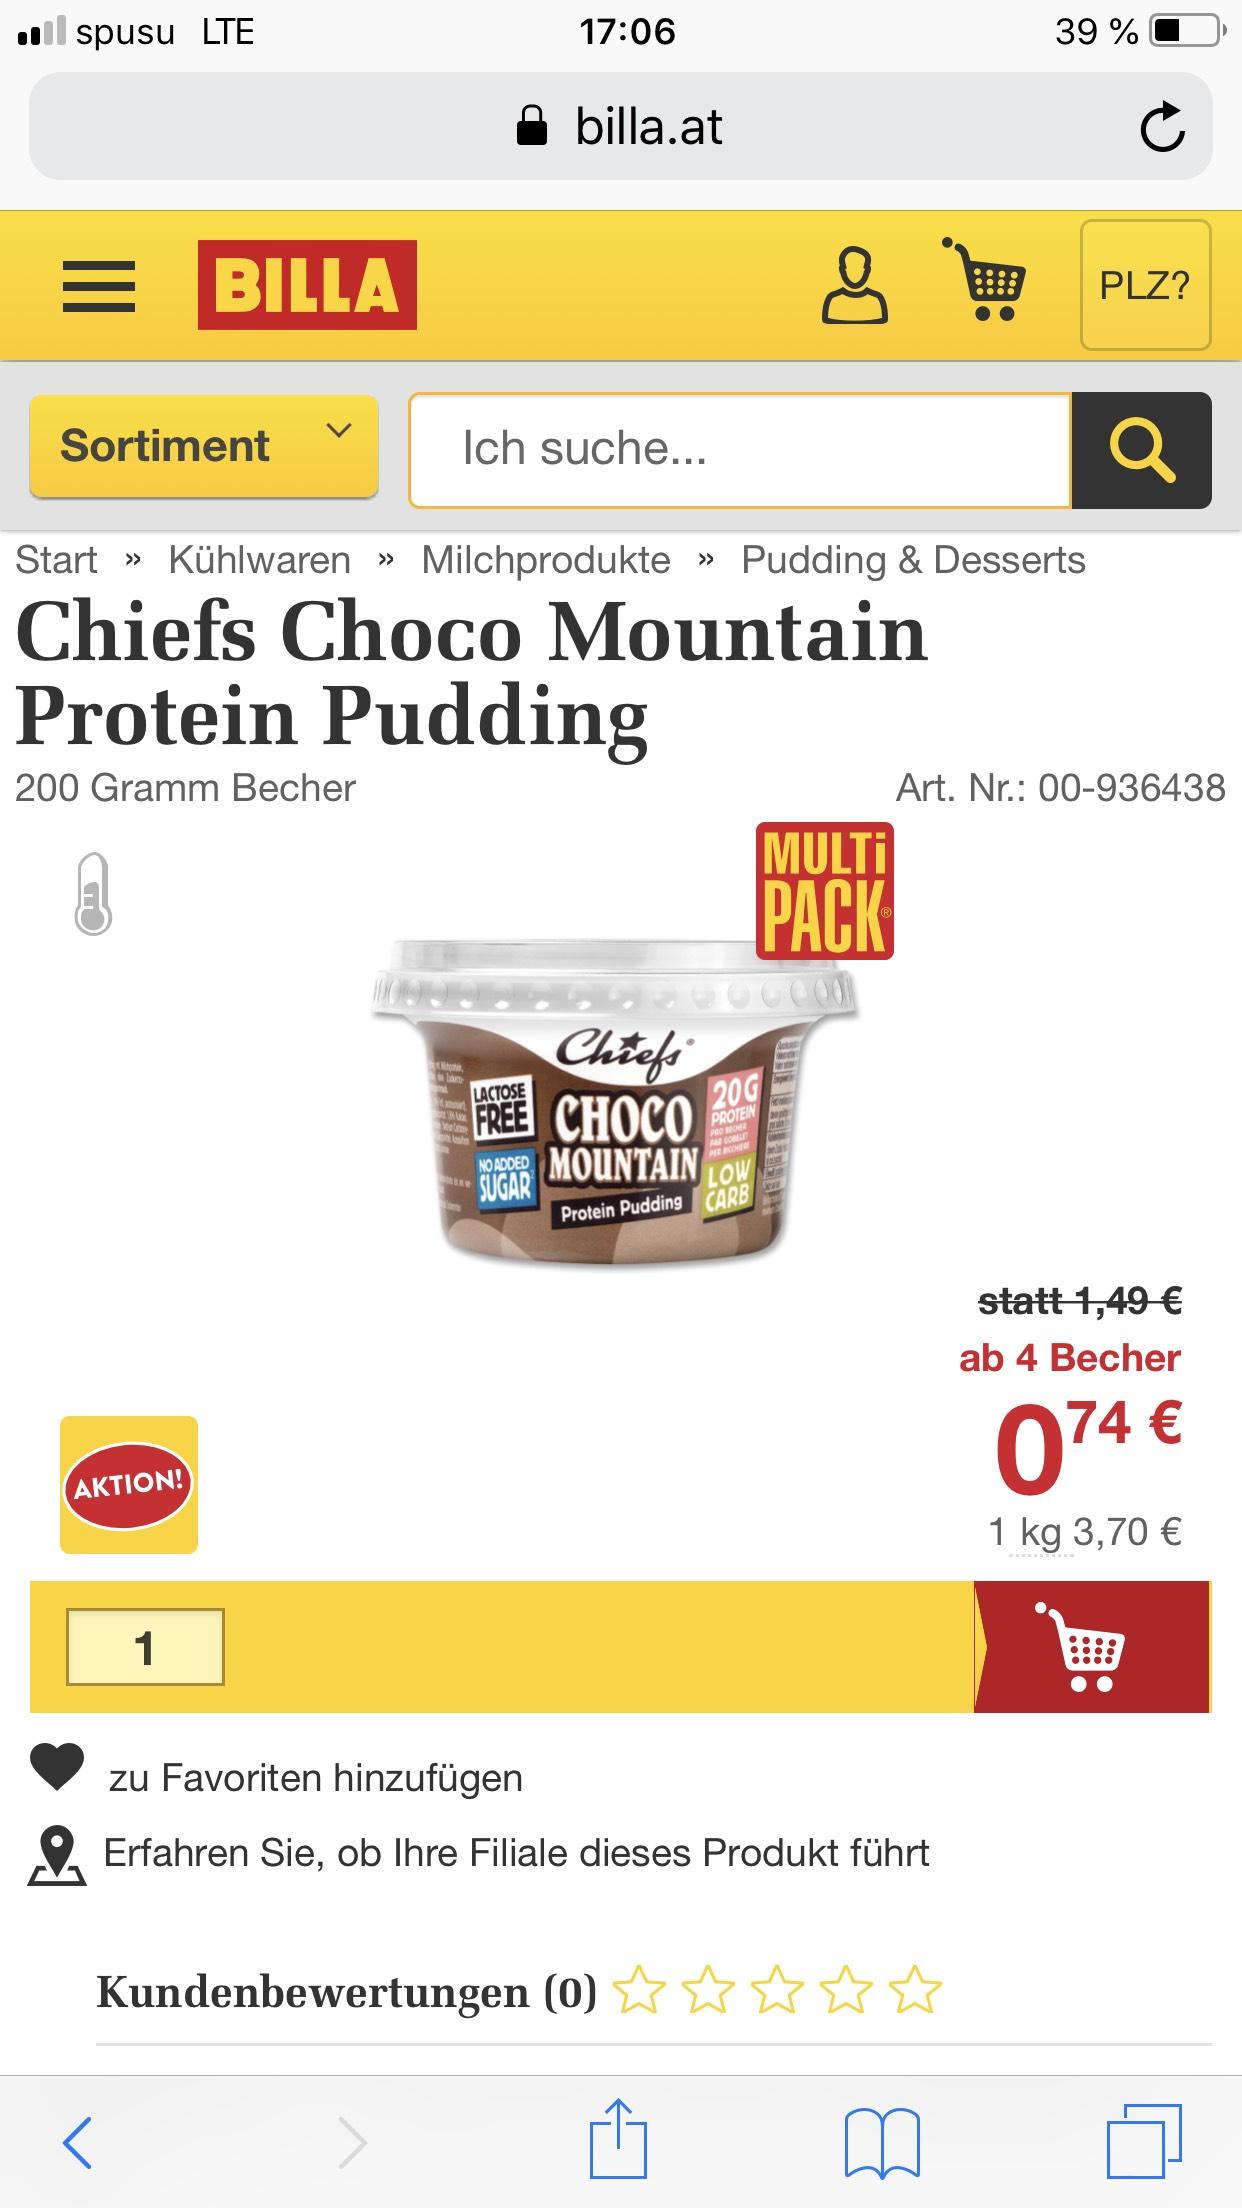 *Chiefs* Proteinpudding für den sportlichen Preisjäger, bei Mindestabnahme von 4 Stück